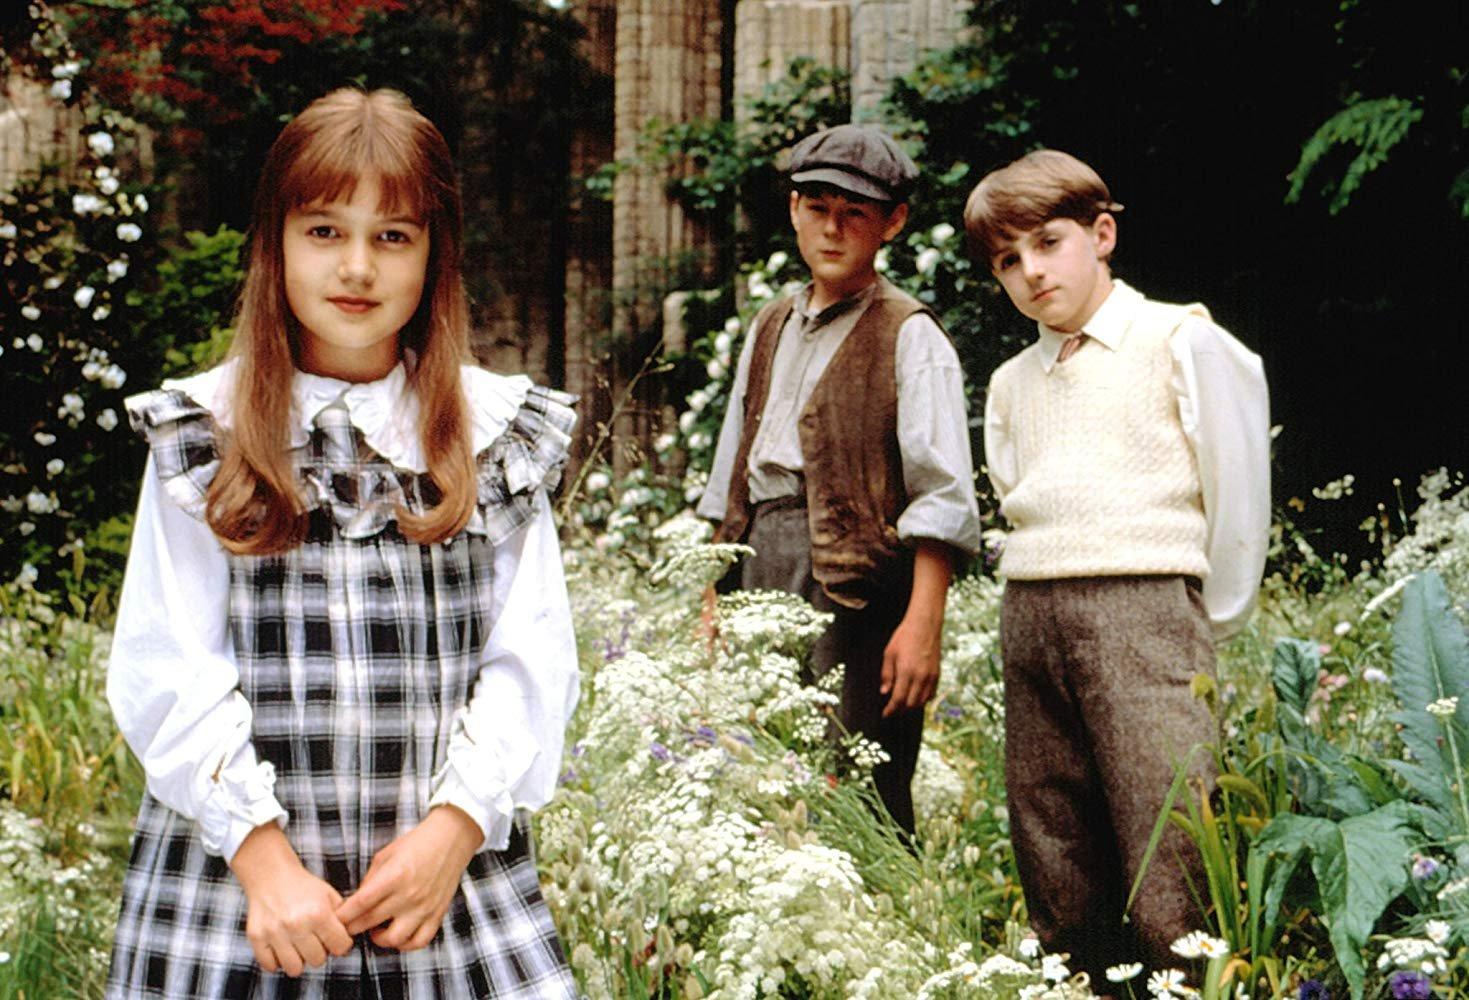 Tajemniczy Ogród 1993 Fdb